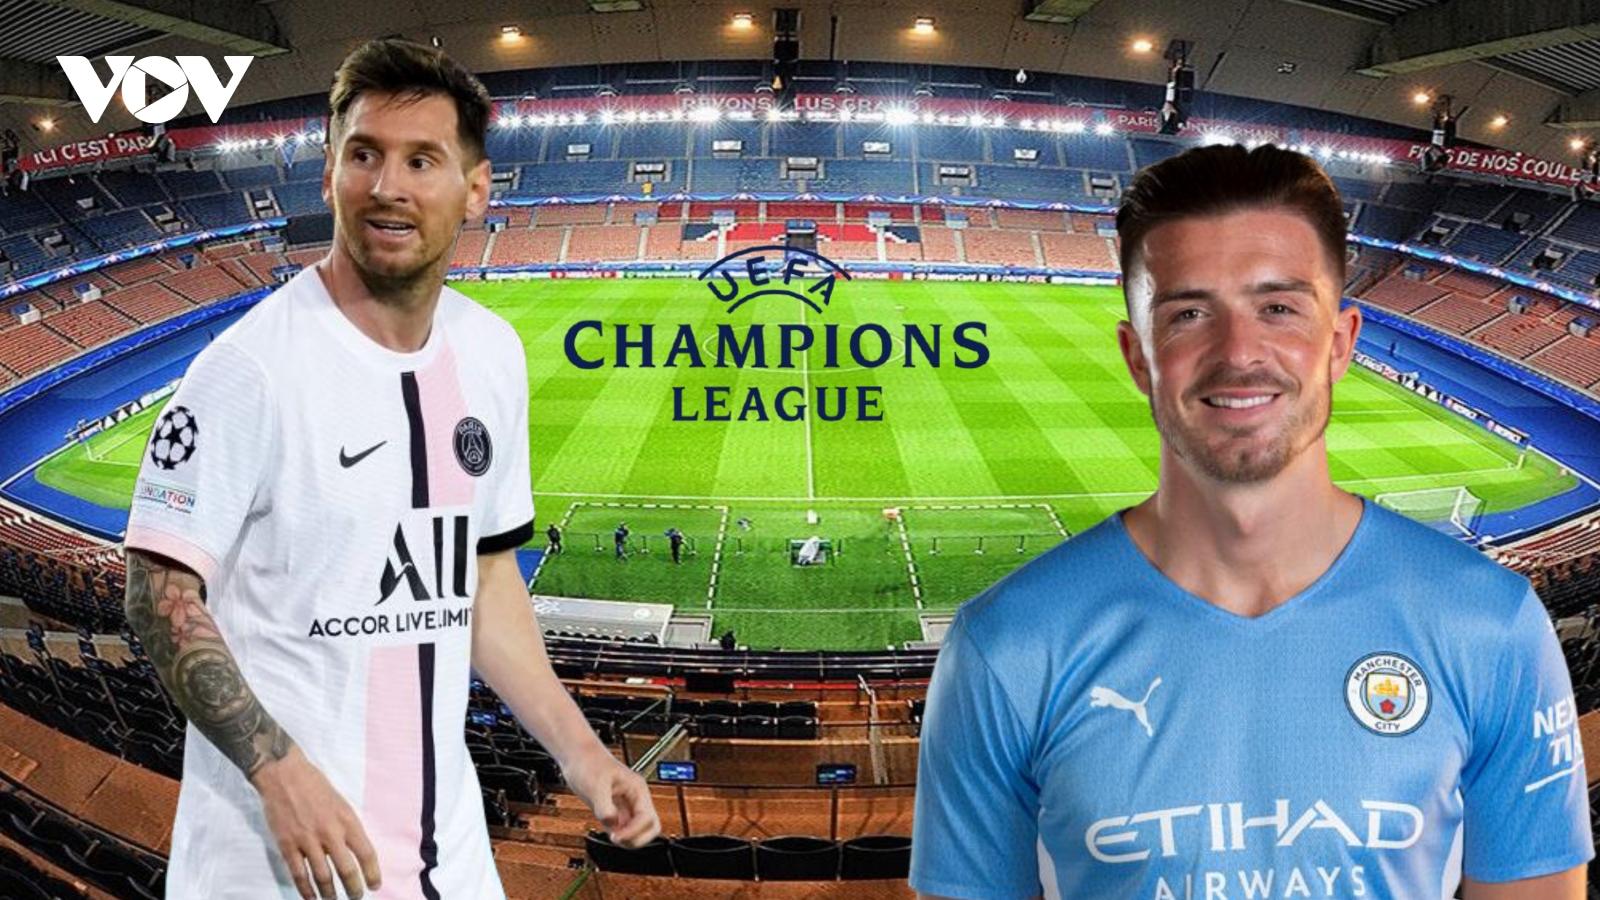 Dự đoán kết quả, đội hình xuất phát trận PSG - Man City